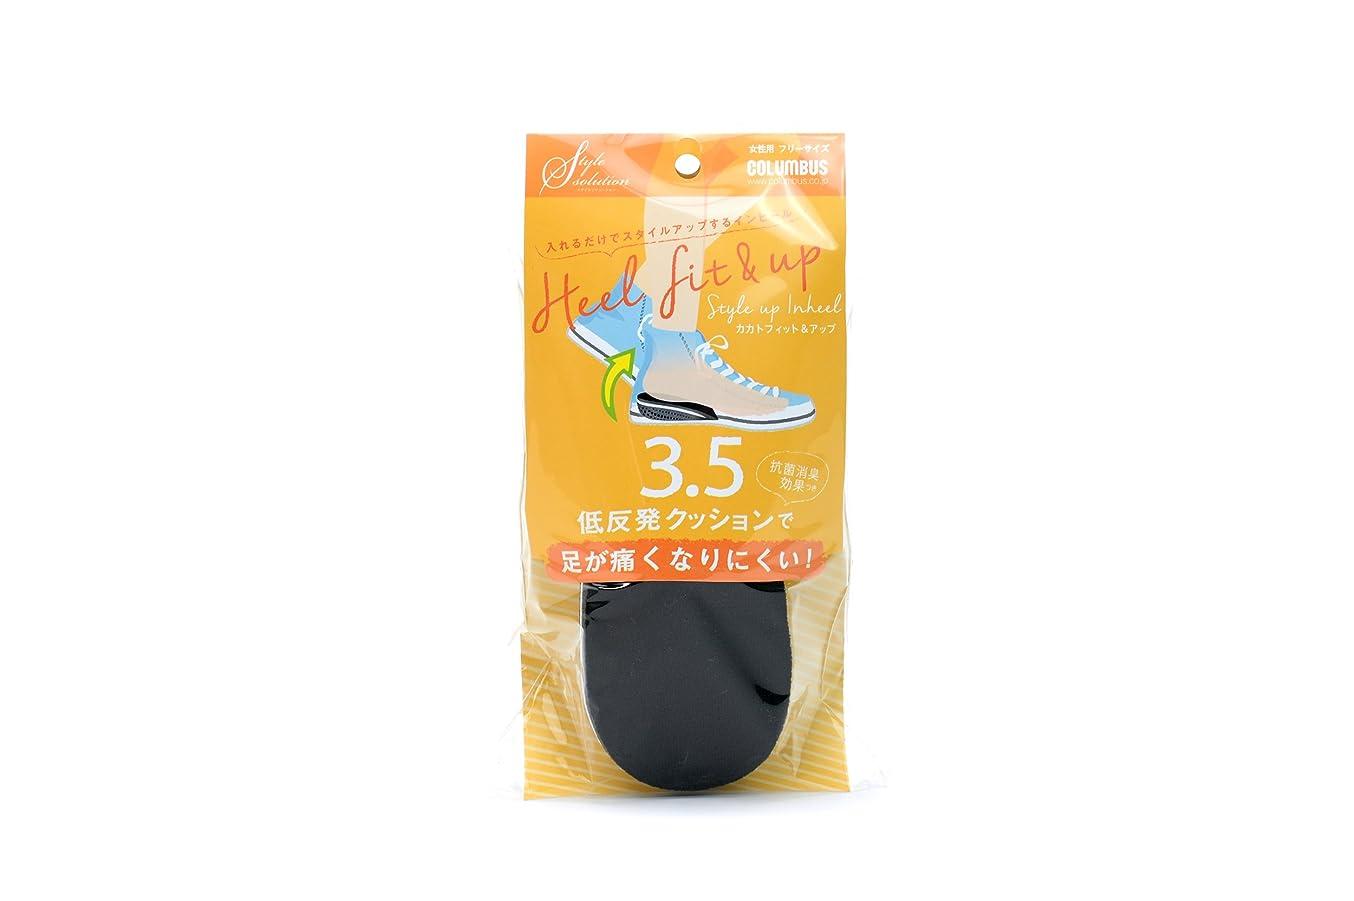 めったに動力学香ばしいコロンブス スタイルソリューション カカトフィット&アップ 3.5cm 1足分(2枚入)